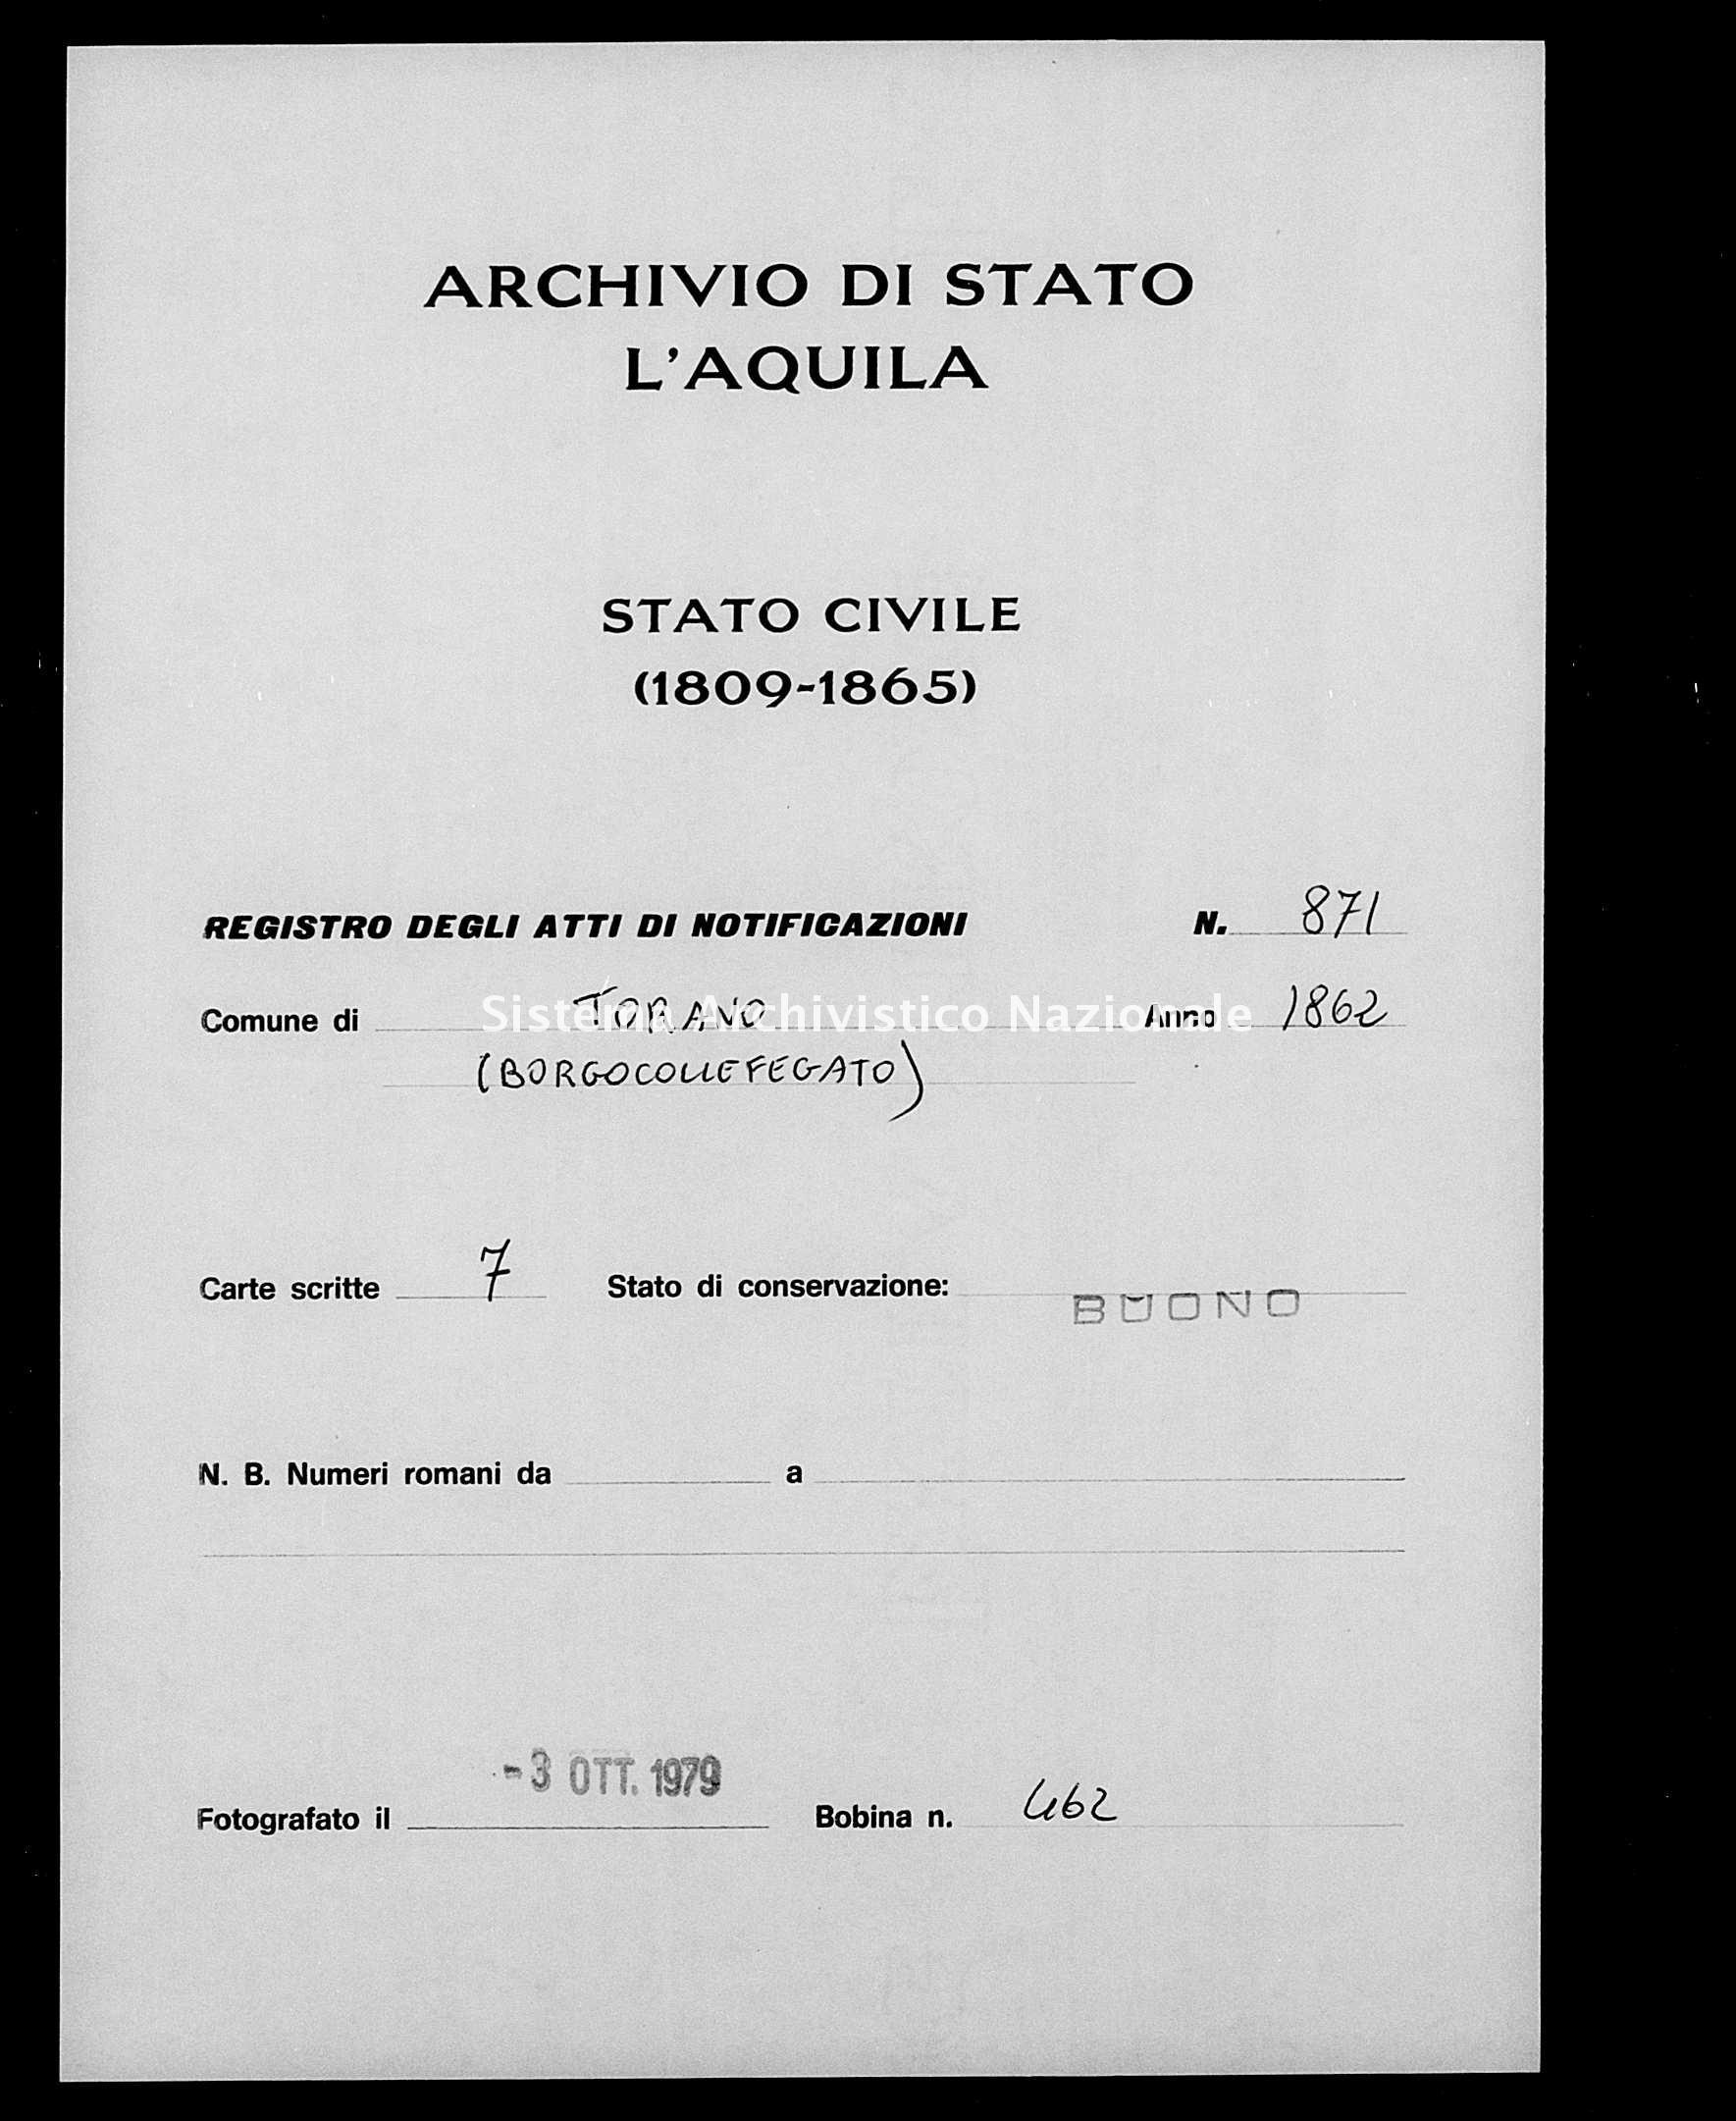 Archivio di stato di L'aquila - Stato civile italiano - Torano - Matrimoni, memorandum notificazioni ed opposizioni - 1862 - 871 -